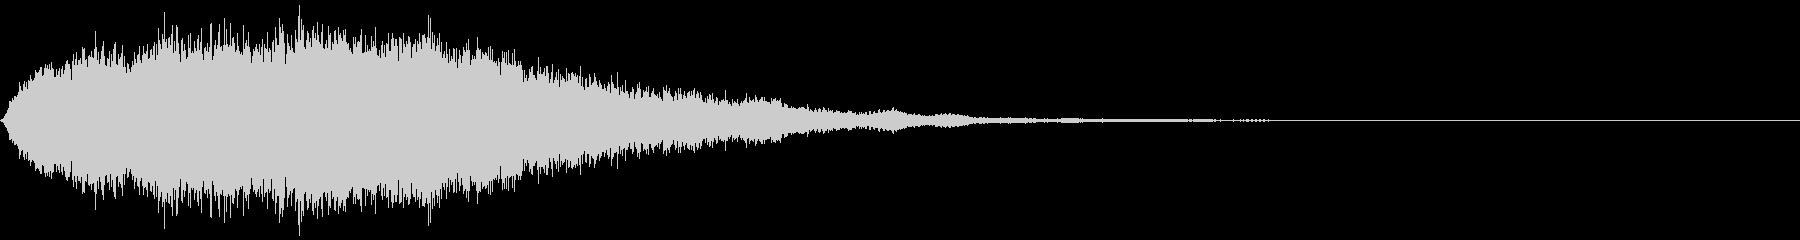 【アトモスフィア】キーン・・・の未再生の波形